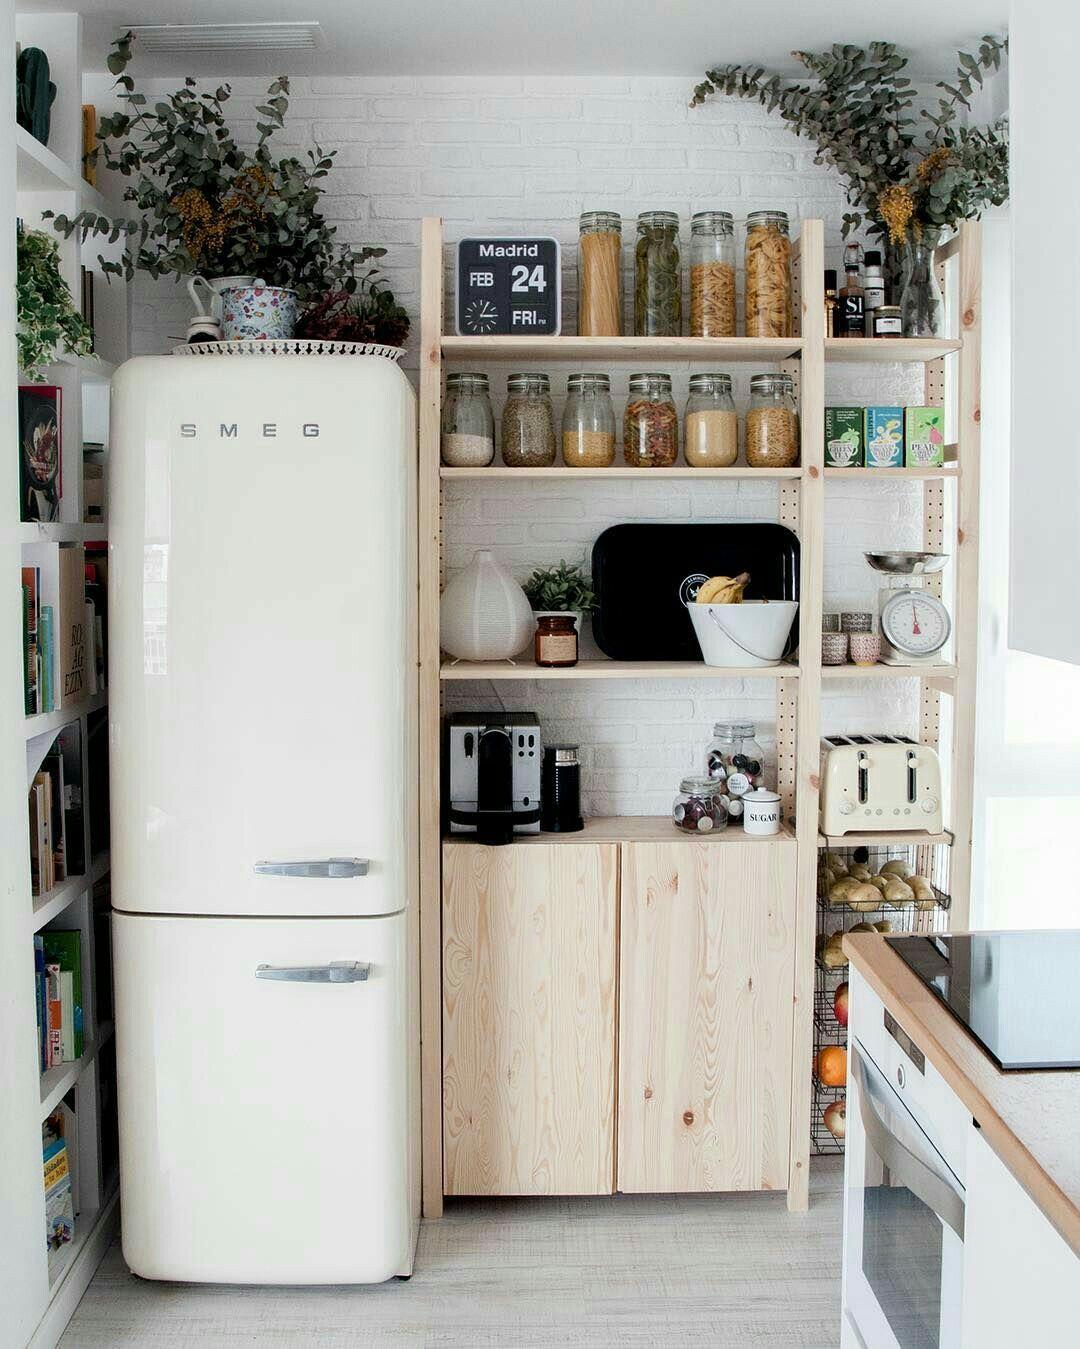 baskets in cabinetry | Espacios | Pinterest | Hogar, Cocinas y Casa ...